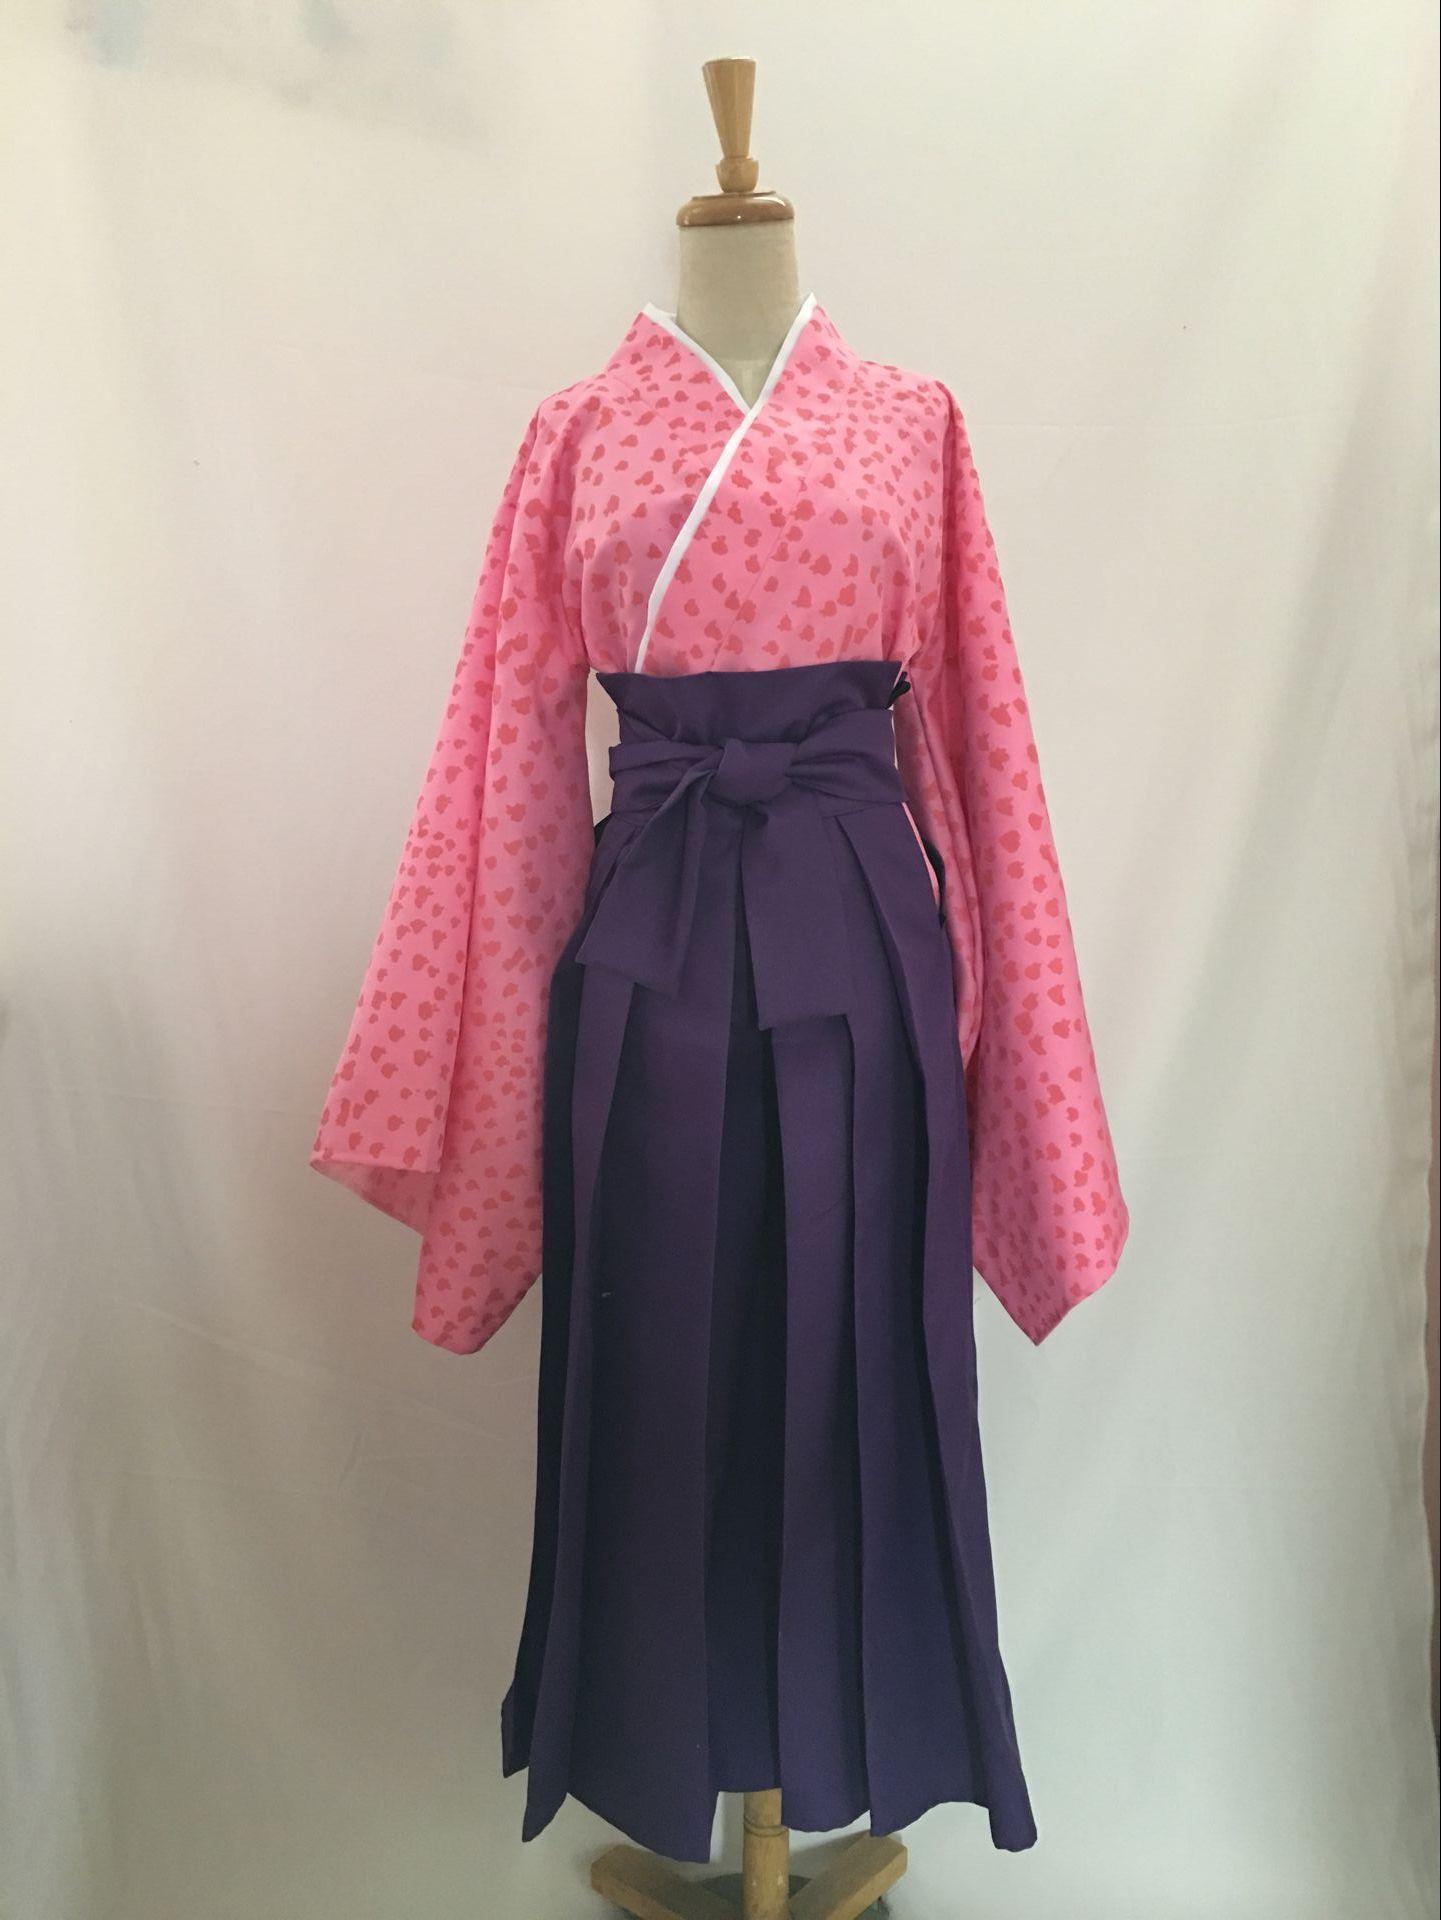 曇天に笑う 牡丹 和服 ☆コスプレ衣装 着物